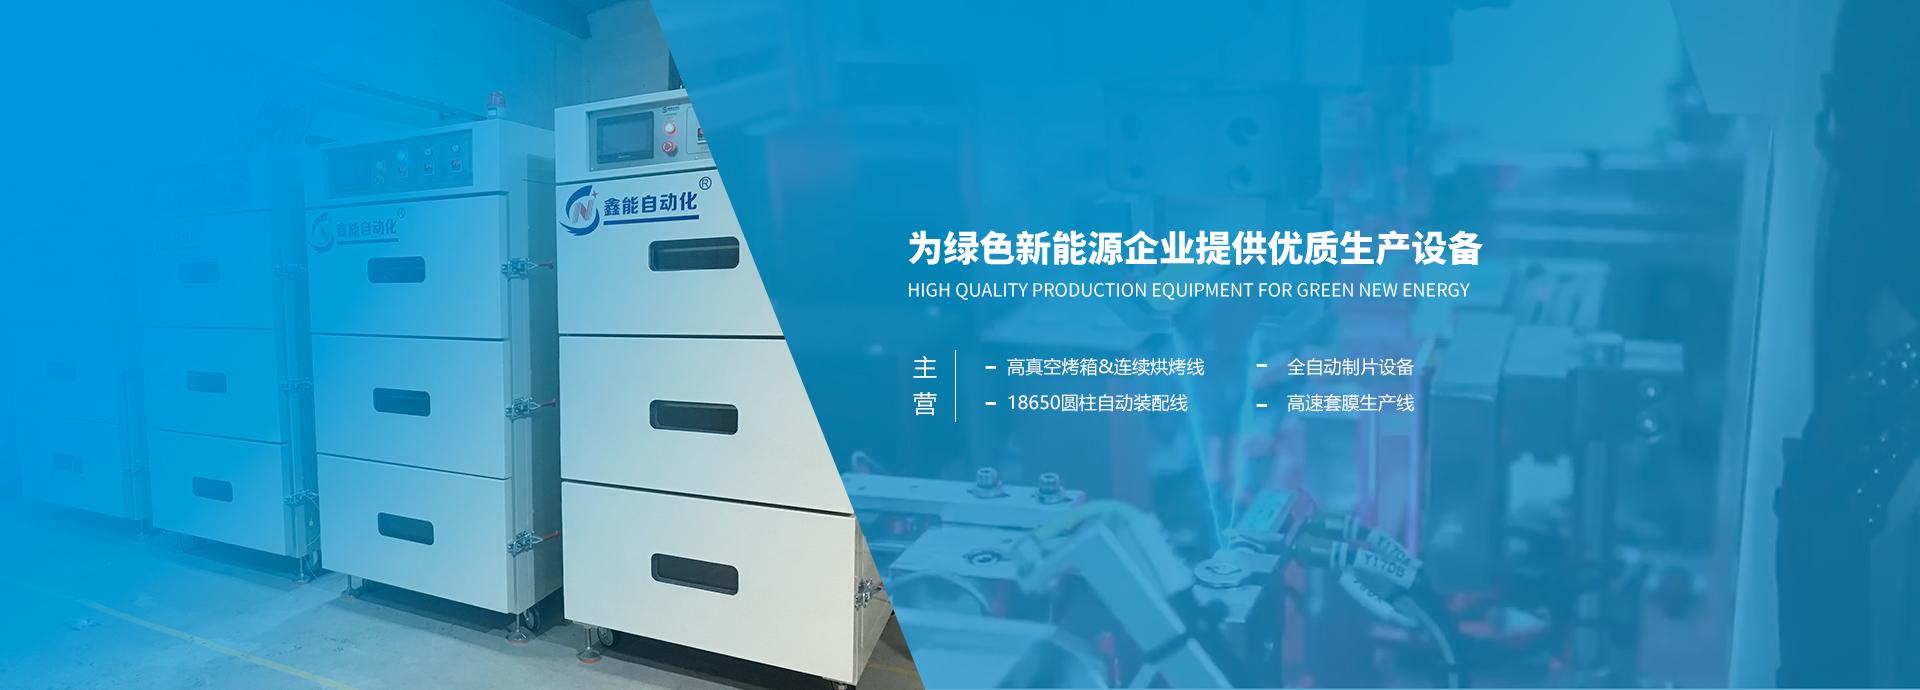 惠州工业烤箱厂家